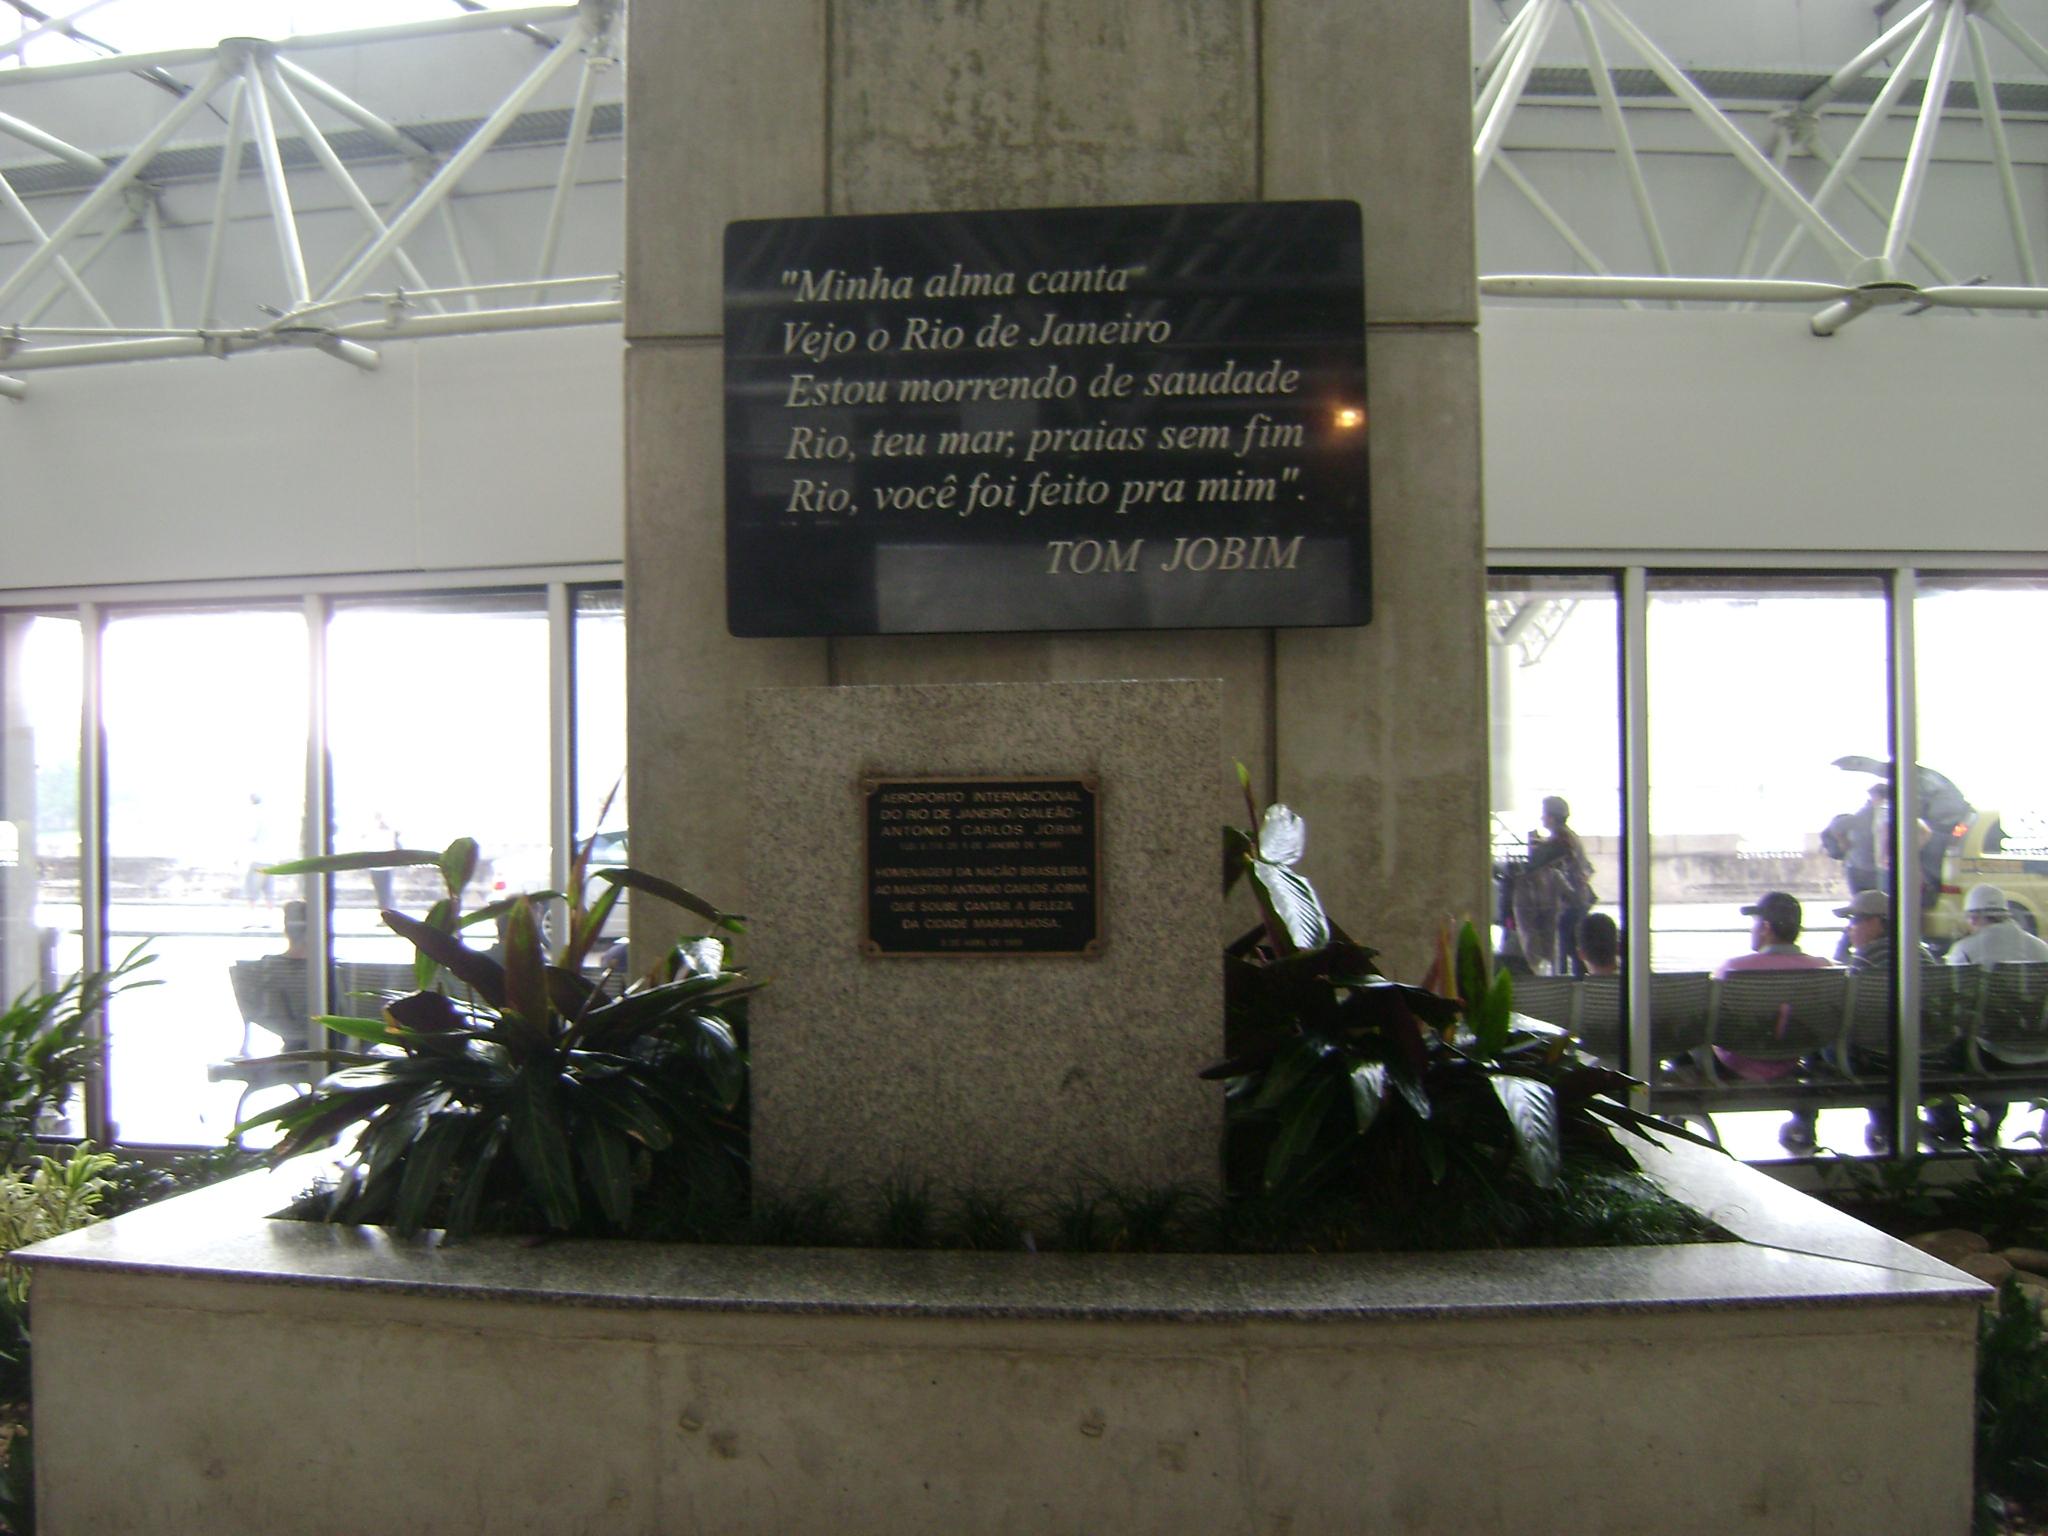 Inscripción en homenaje a Tom Jobim, en el Aeropuerto Internacional de Río de Janeiro «Tom Jobim» (Galeão).